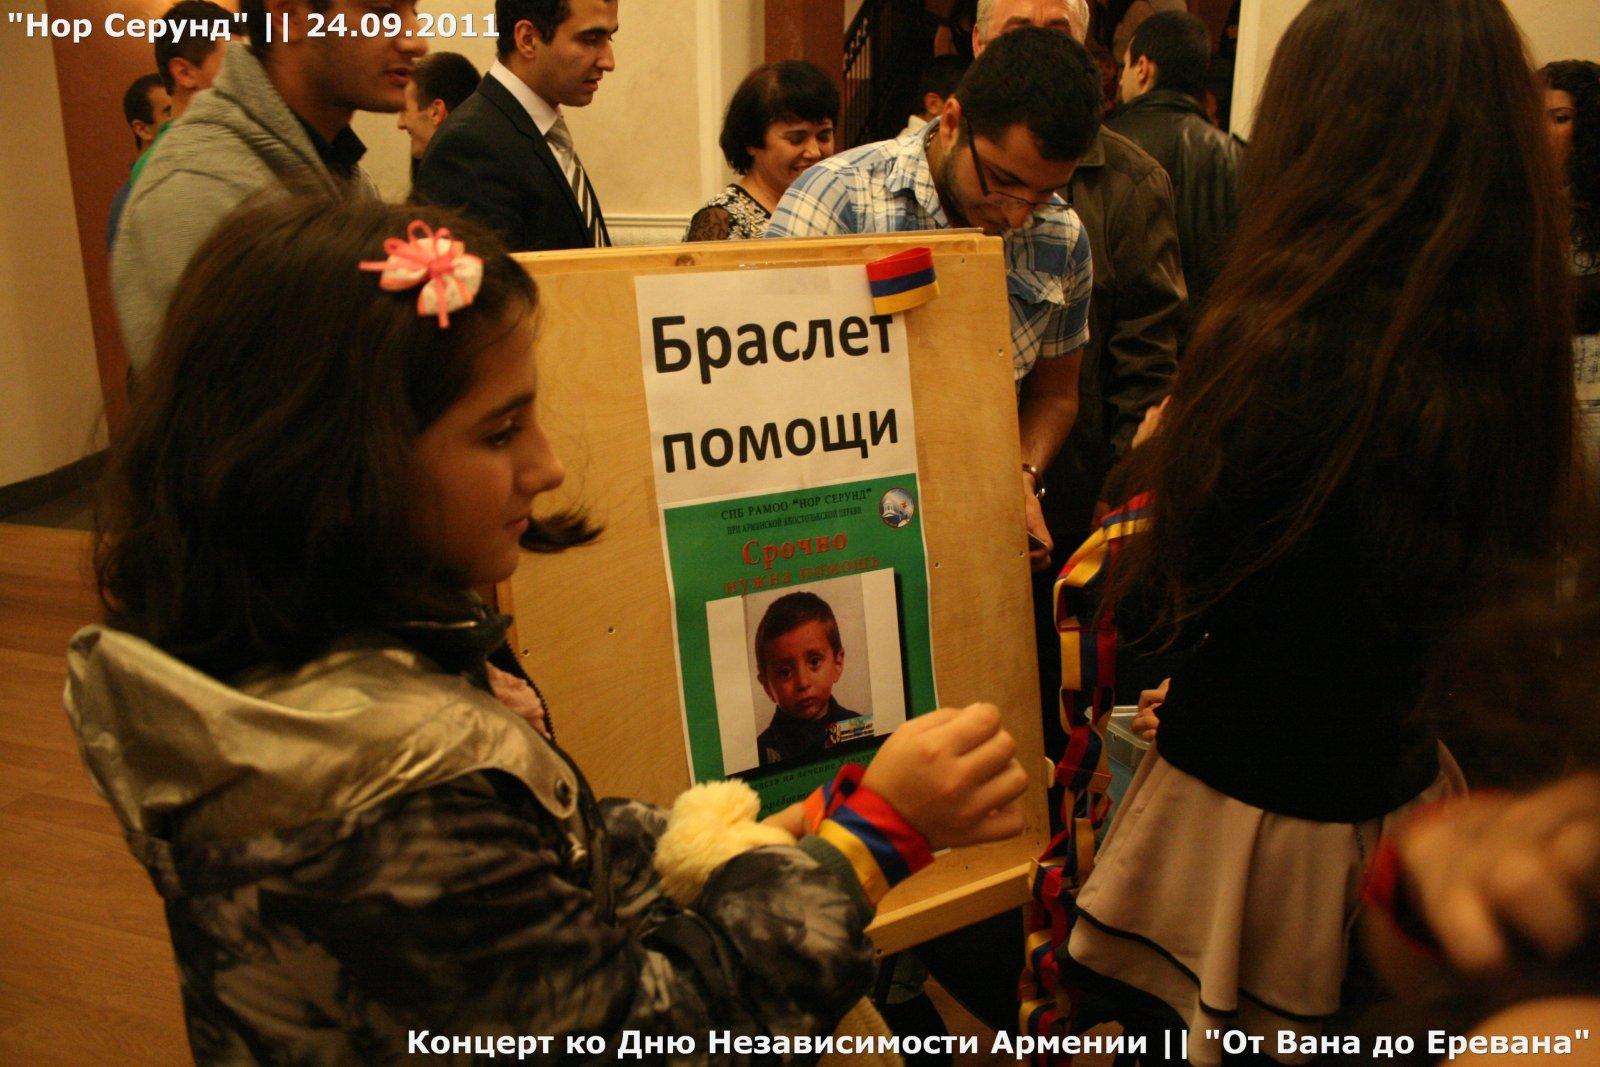 Неделя армении в санкт петербурге к 20